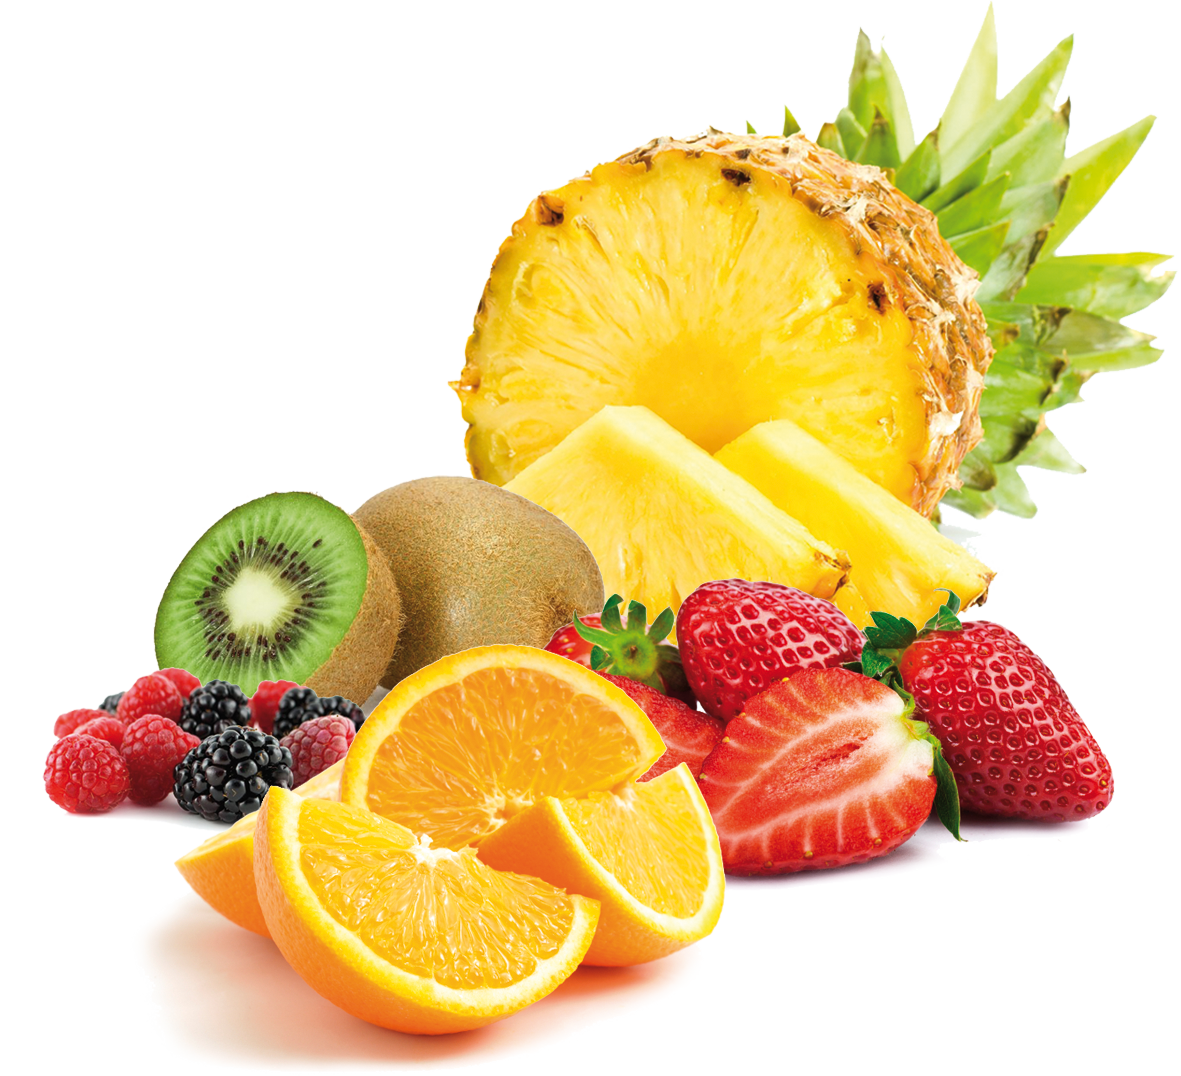 immagine frutta